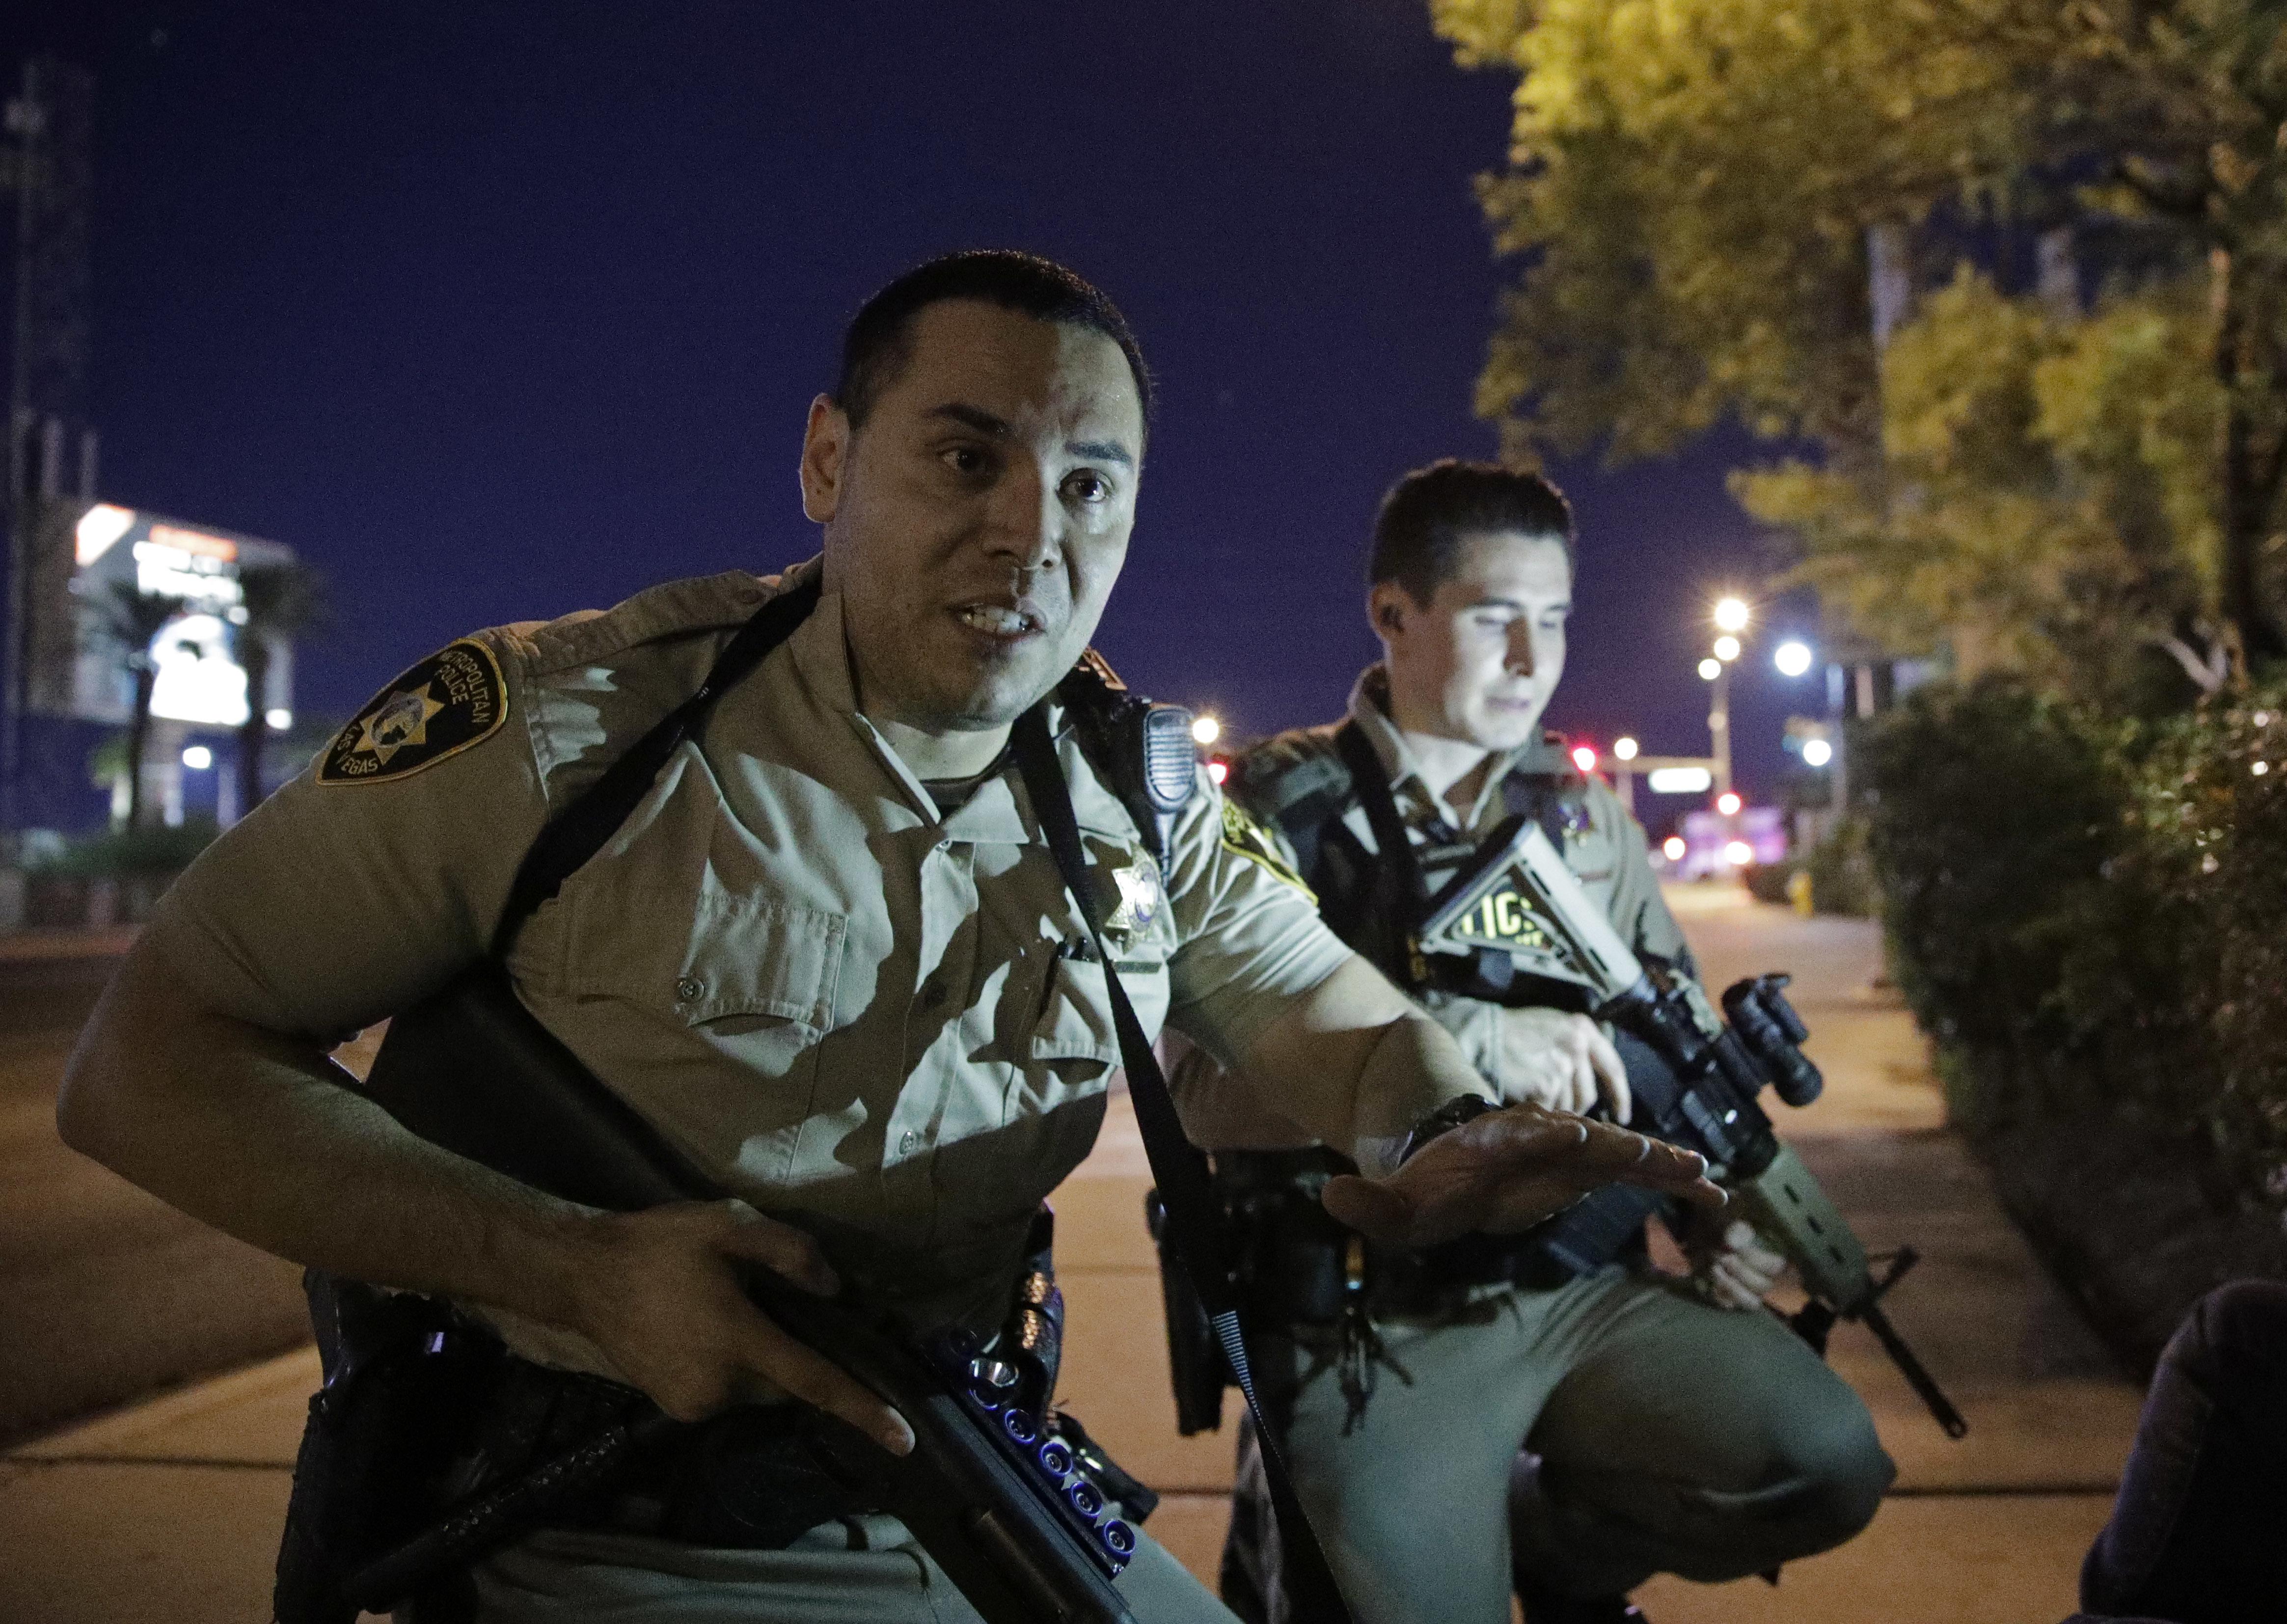 賭城拉斯維加斯Mandalay Bay賭場酒店10月1日深夜驚傳重大槍擊案。(美聯社)